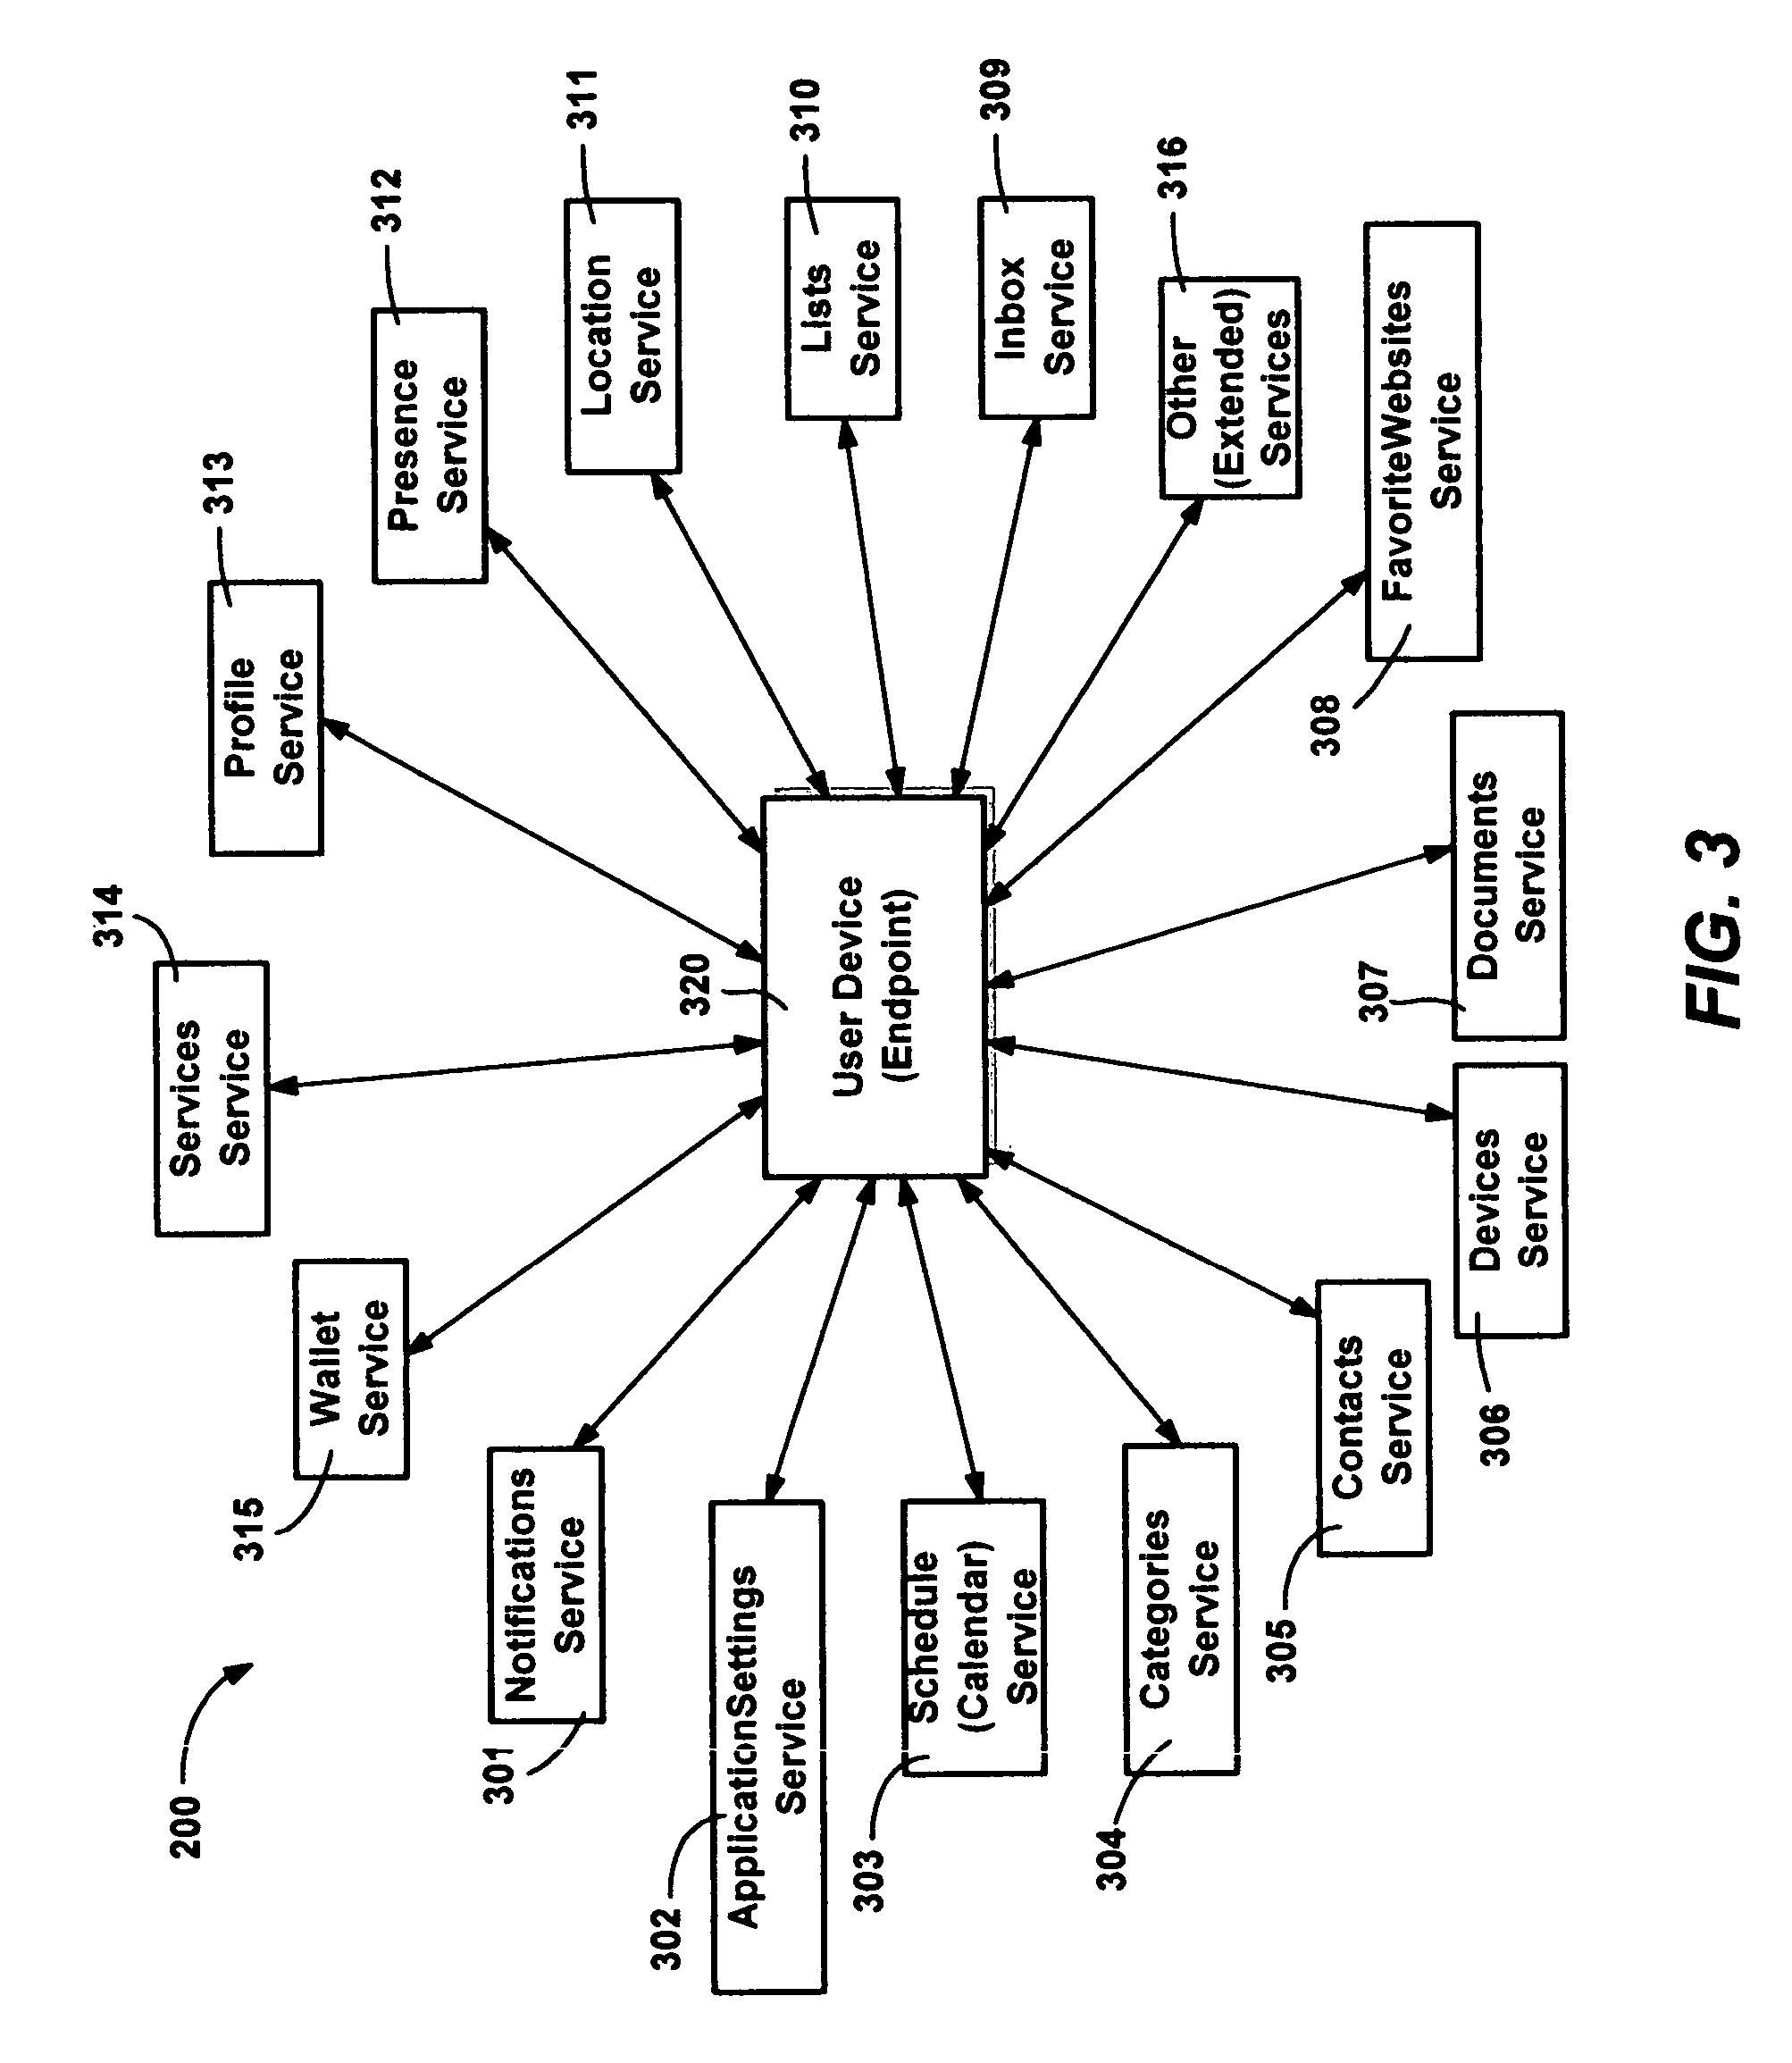 patent us20050278344